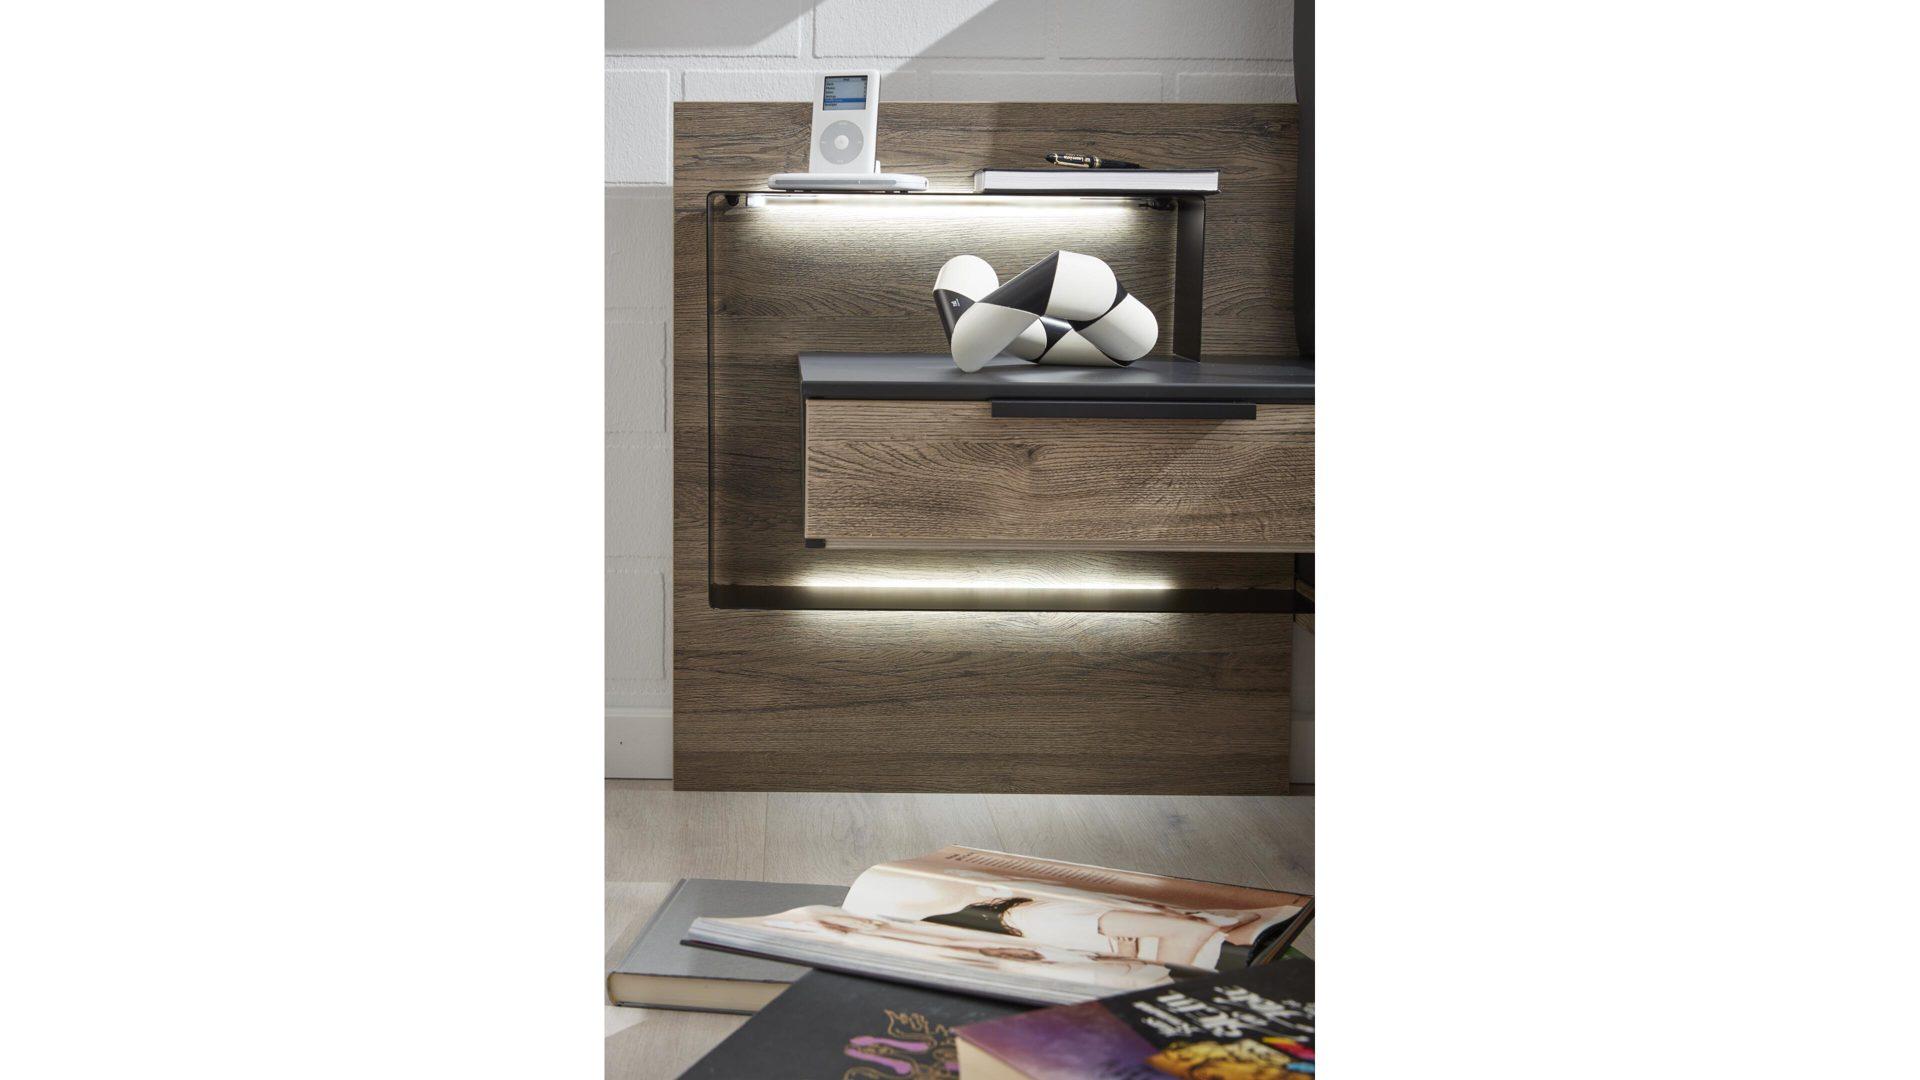 Interliving Schlafzimmer Serie 12 – Nachtkonsolen-Set, dunkle Sanremo  eichefarbene & mattschwarze Kunststoffoberflächen –